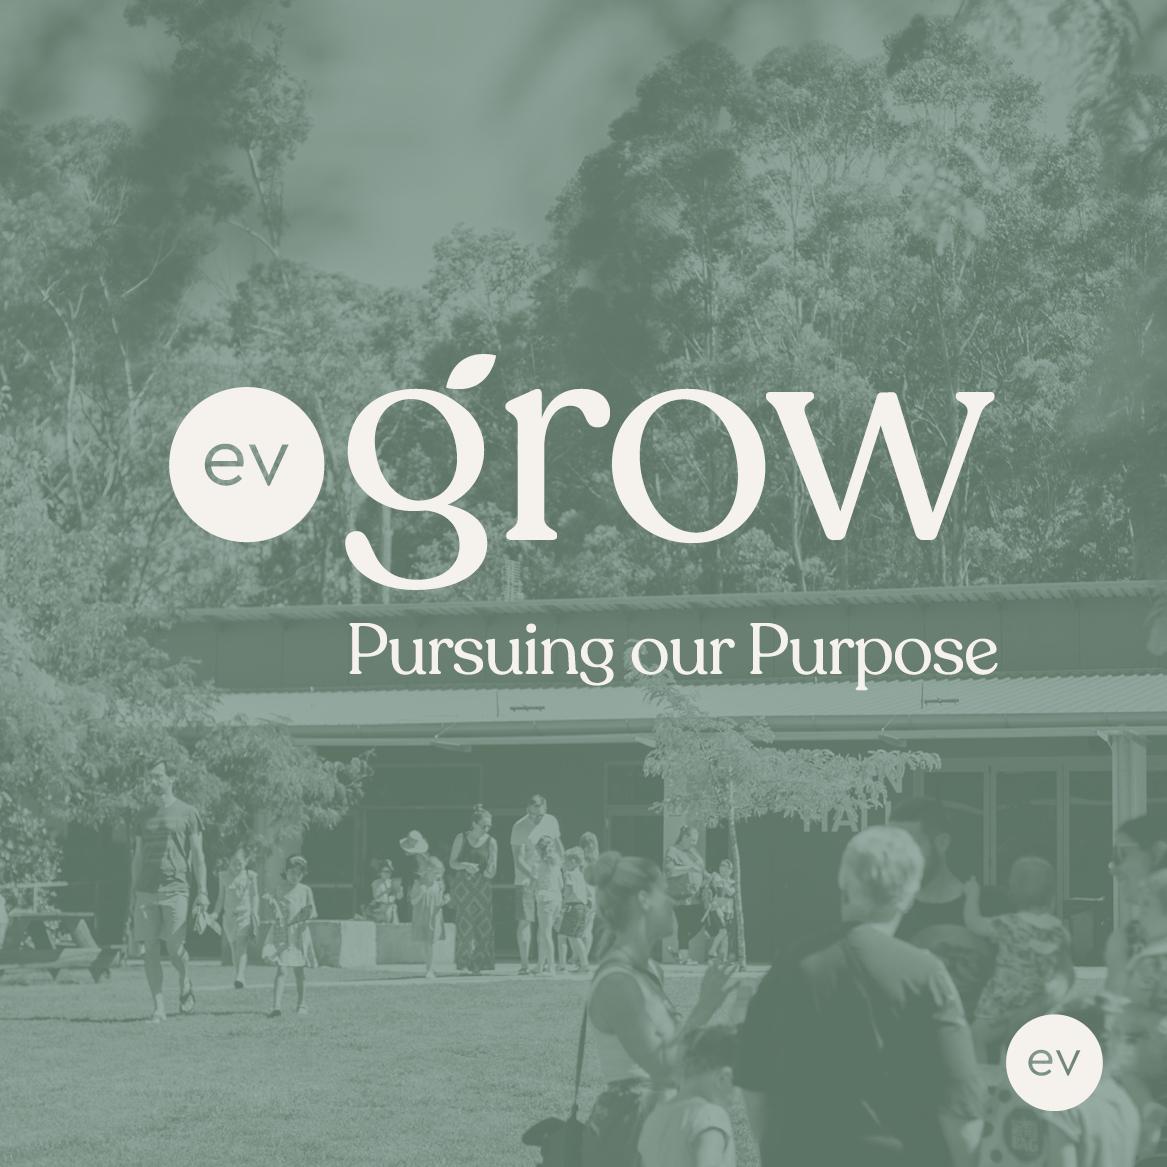 EV Grow - Pursuing our Purpose